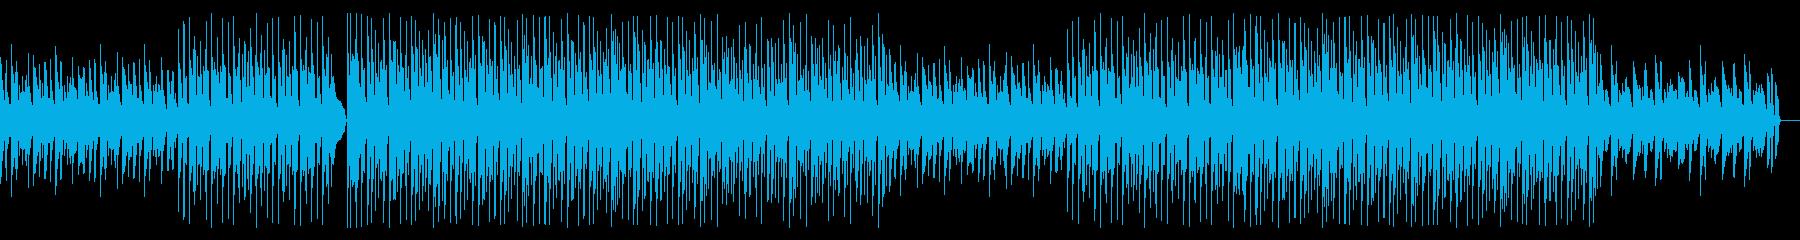 シンセ無し 爽やかエレピ・電子系の再生済みの波形